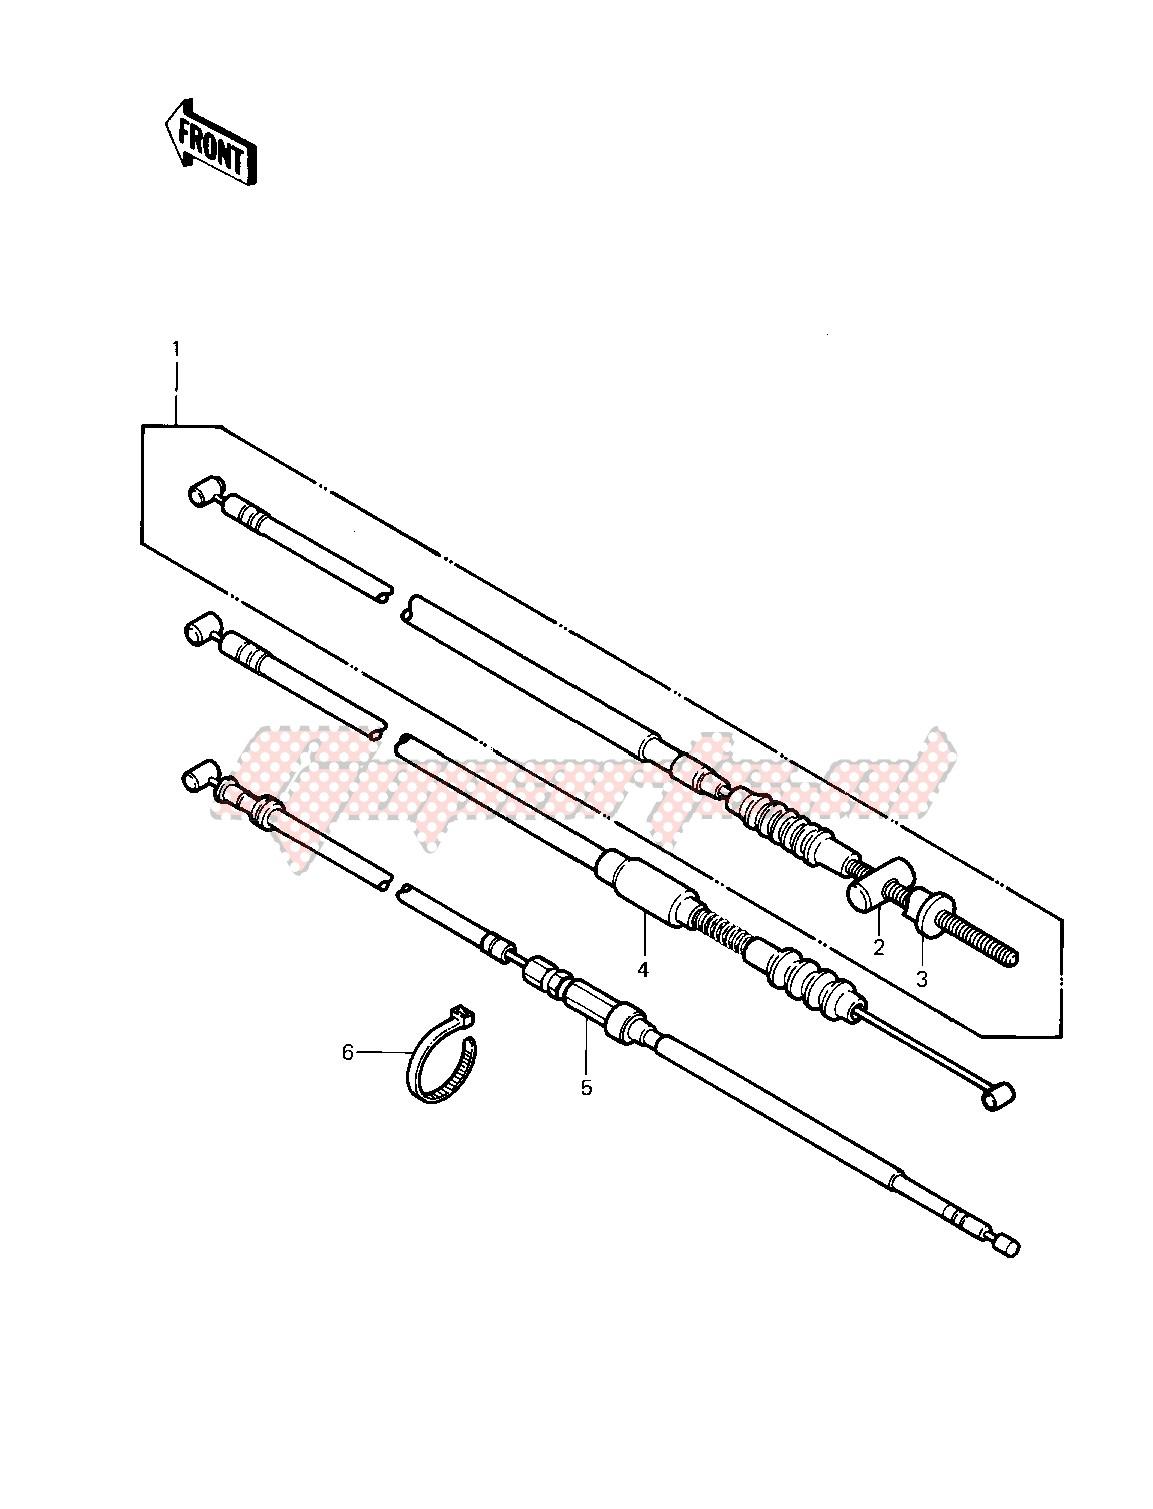 CABLES -- 83 KLT200-A4_A4A- - image